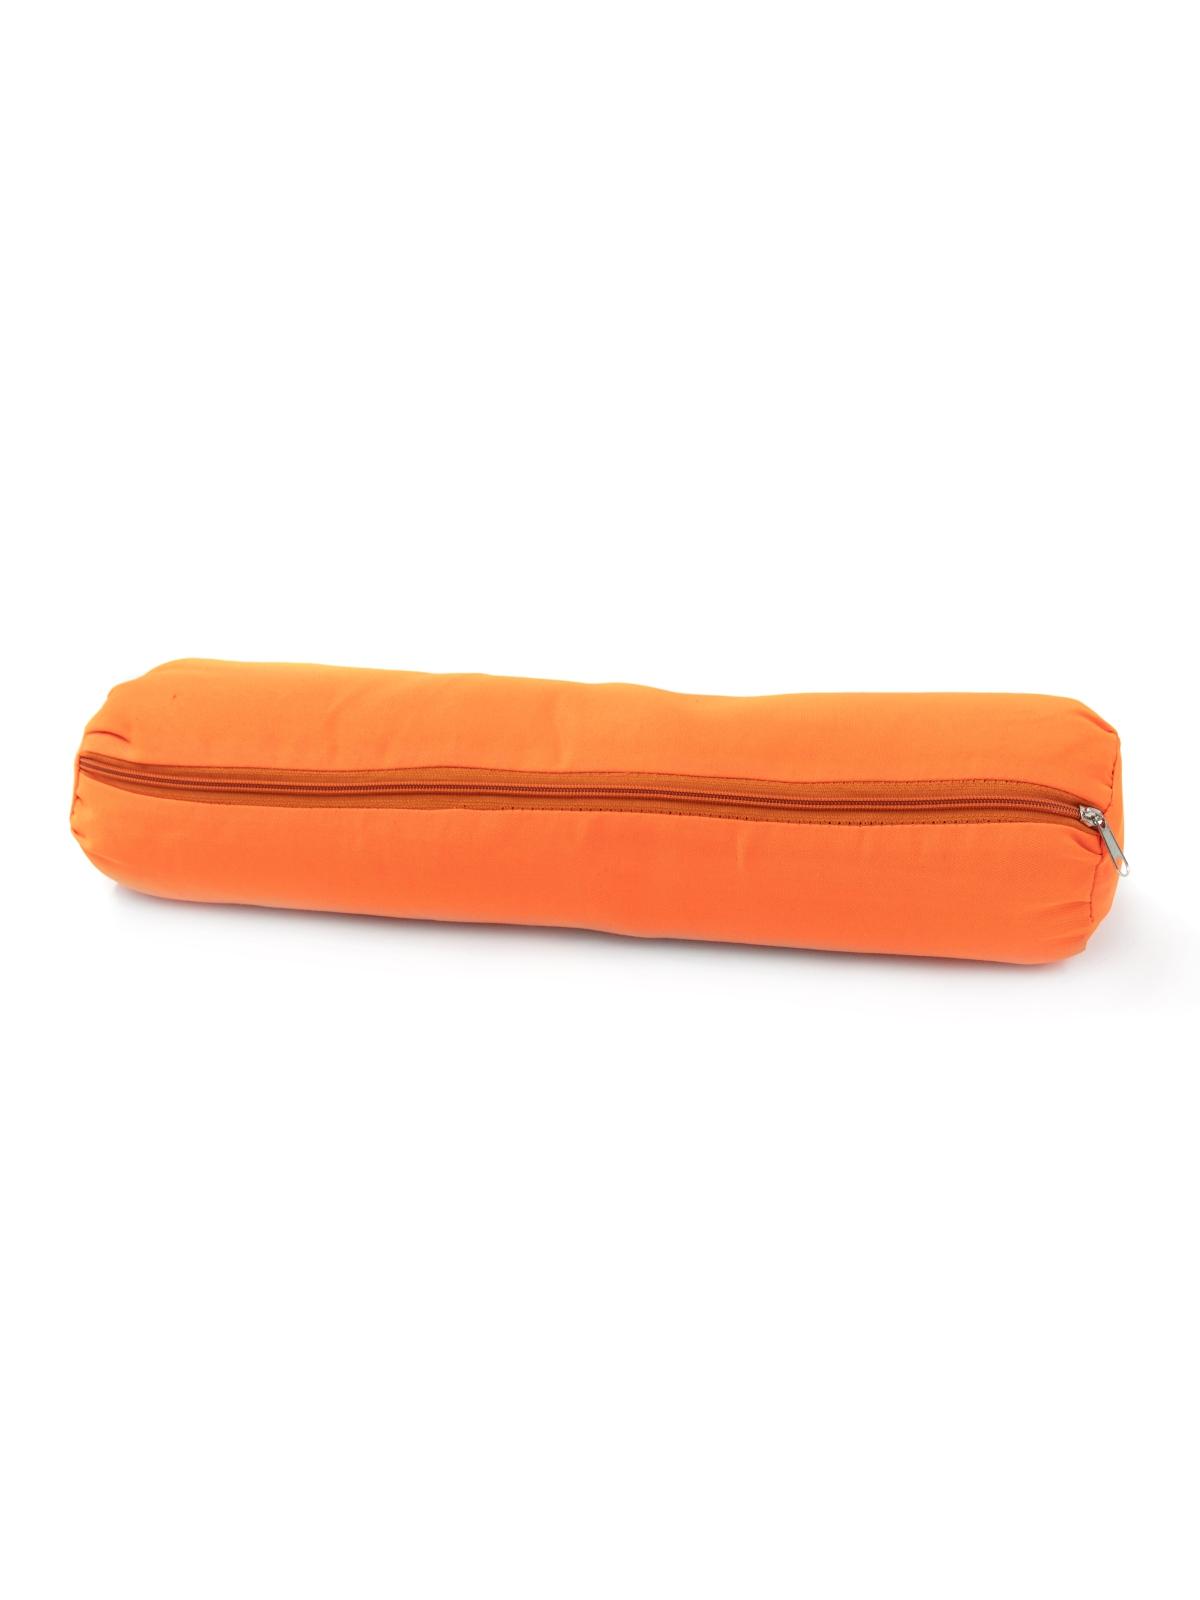 Валик из гречихи с хлопковым чехлом 50х10см (Нет, 1 кг, 10 см, 50 см, оранжевый)